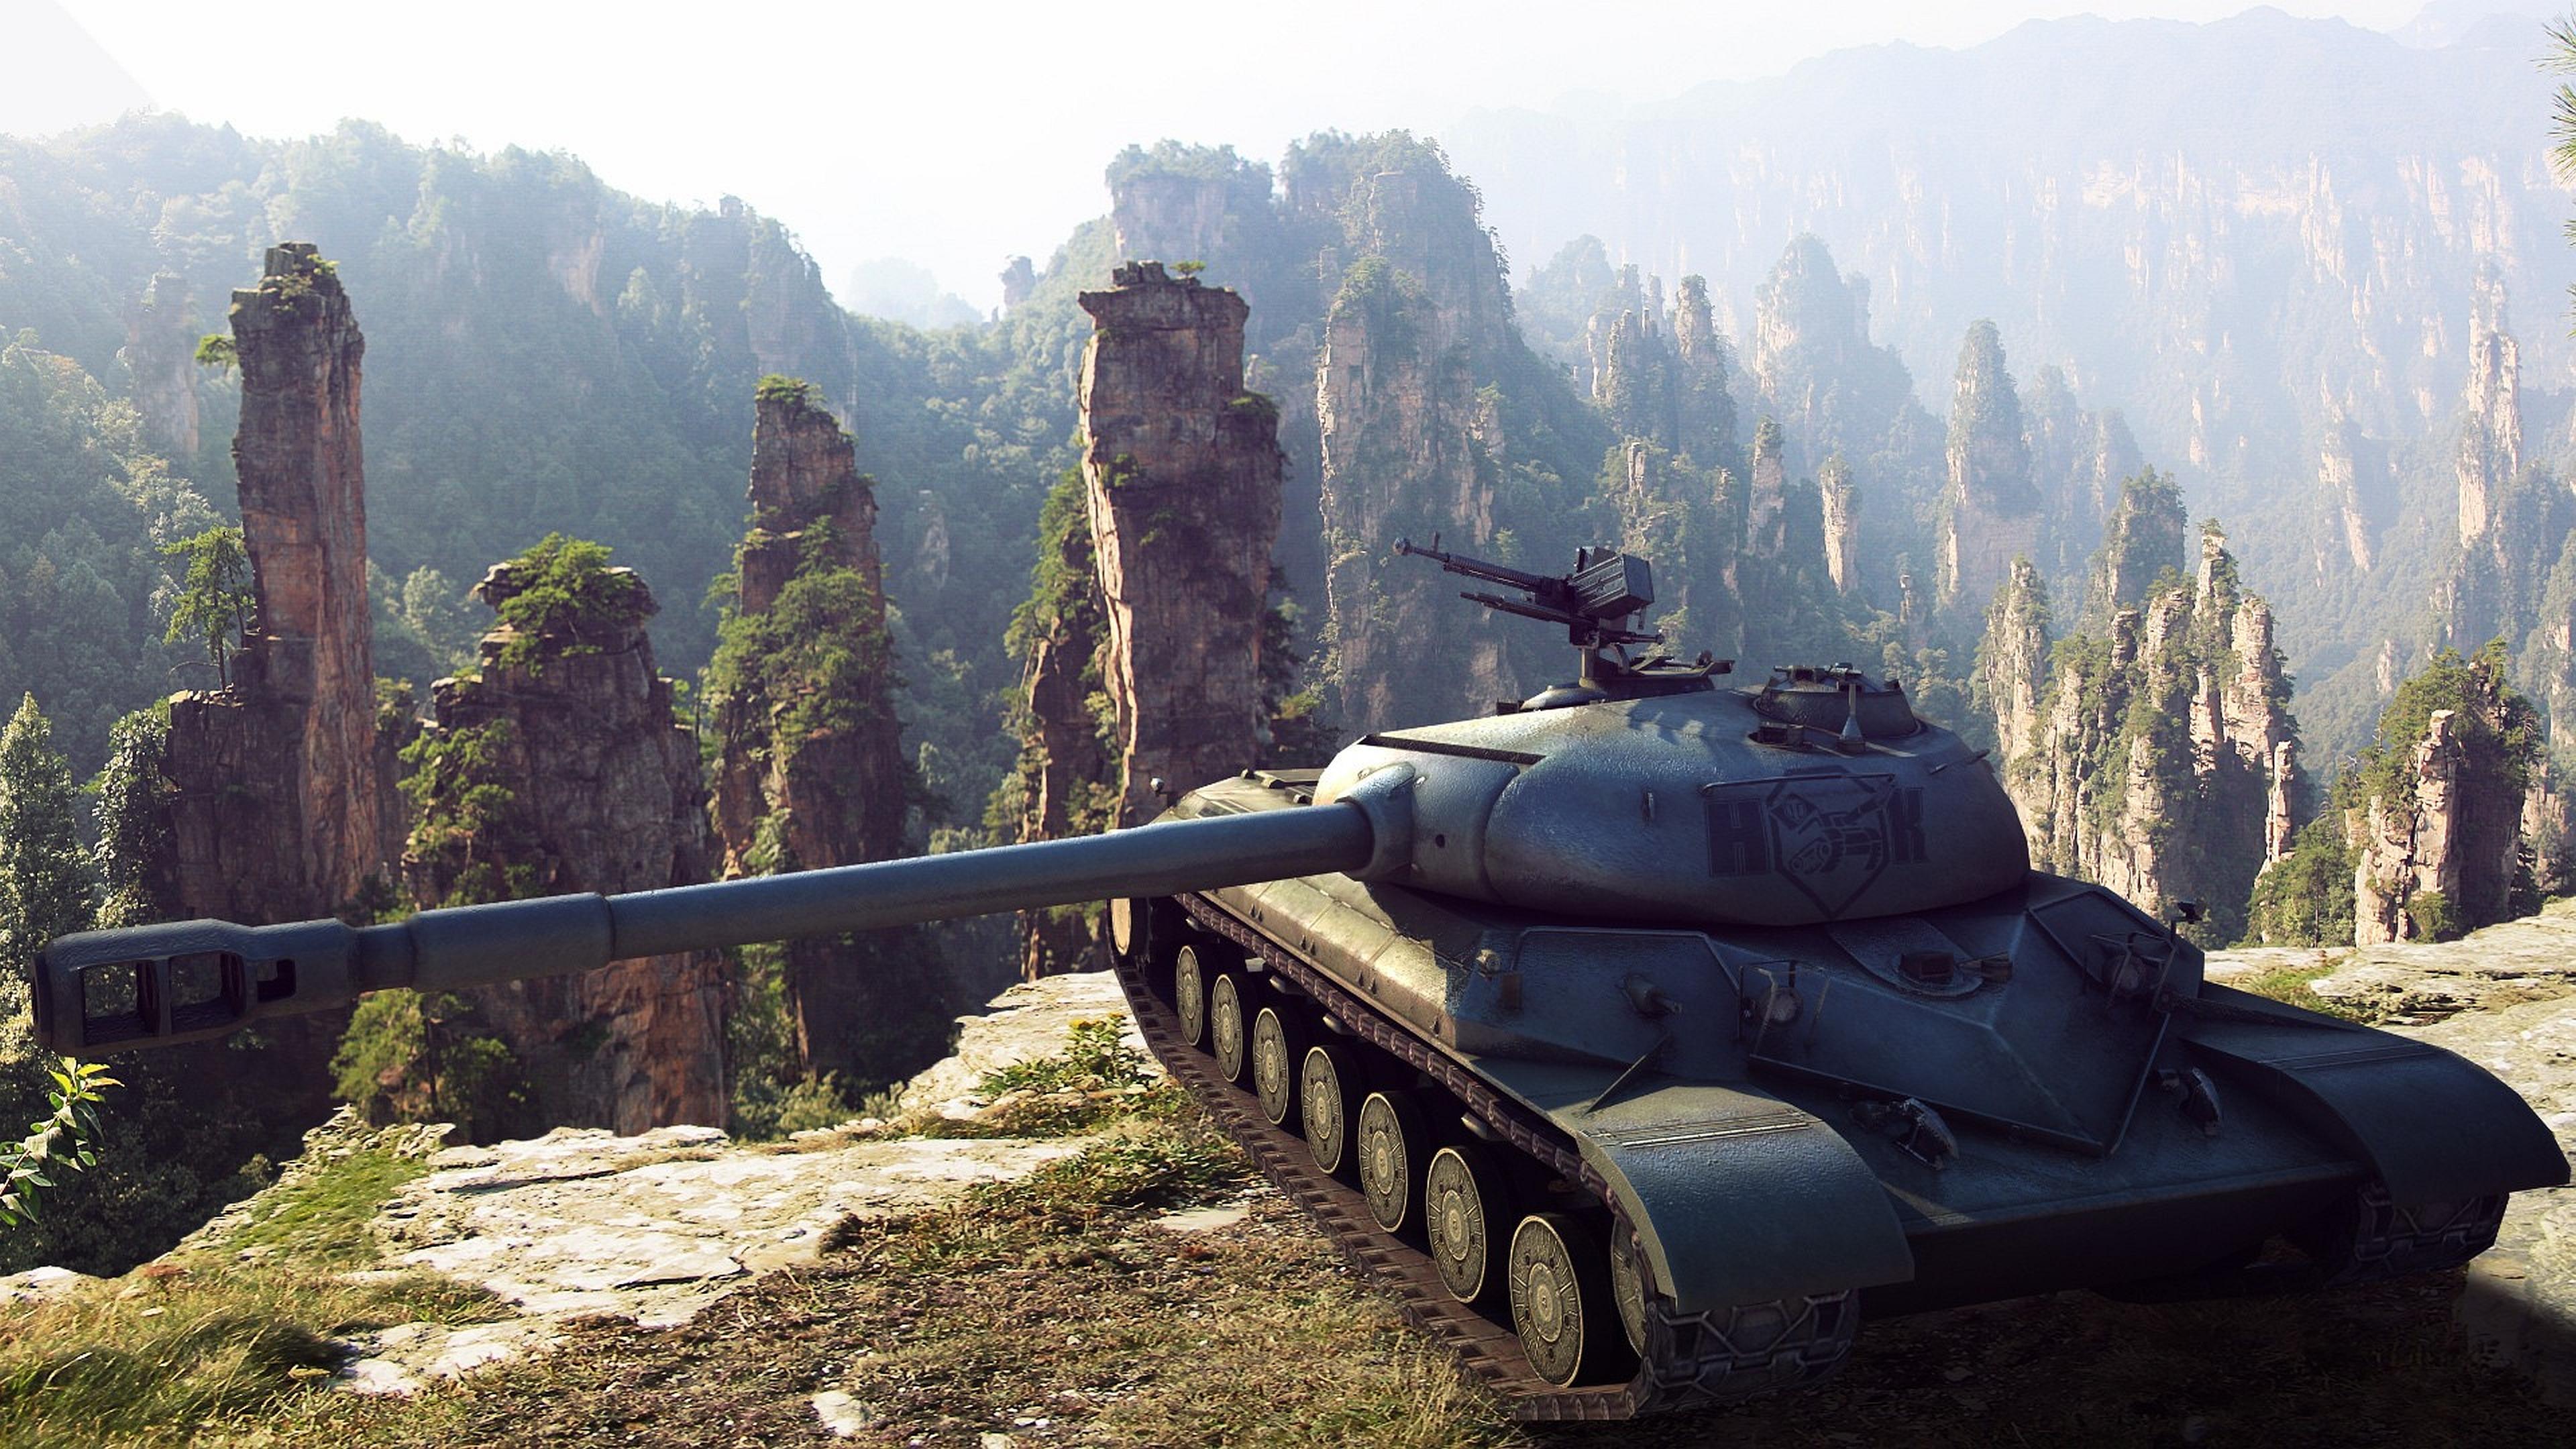 world of tanks, photo, wot